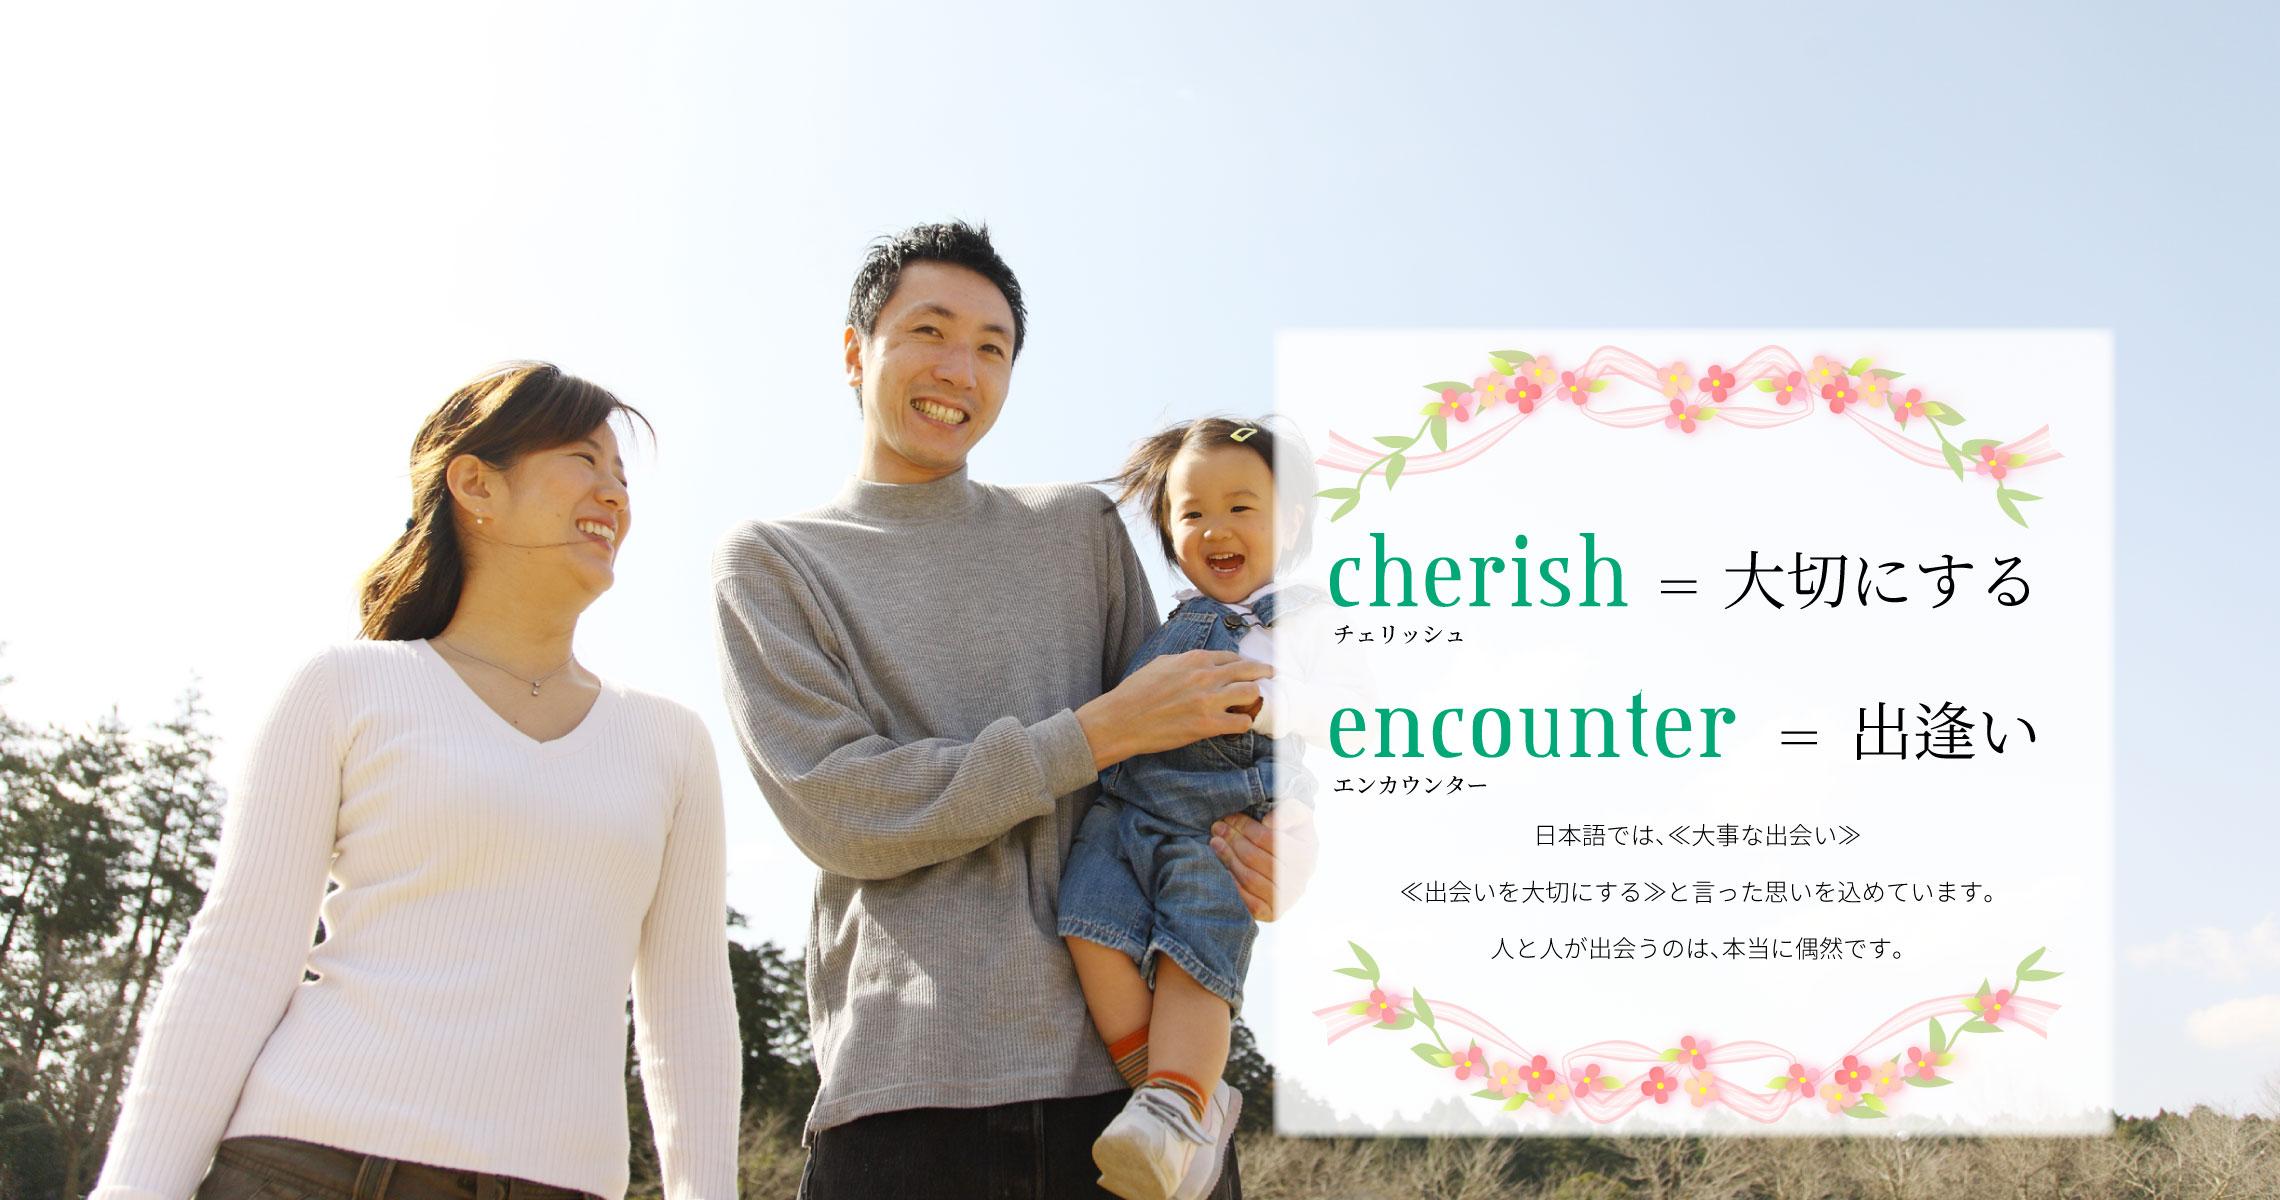 日本語では、≪大事な出会い≫≪出会いを大切にする≫と言った思いを込めています。人と人が出会うのは、本当に偶然です。